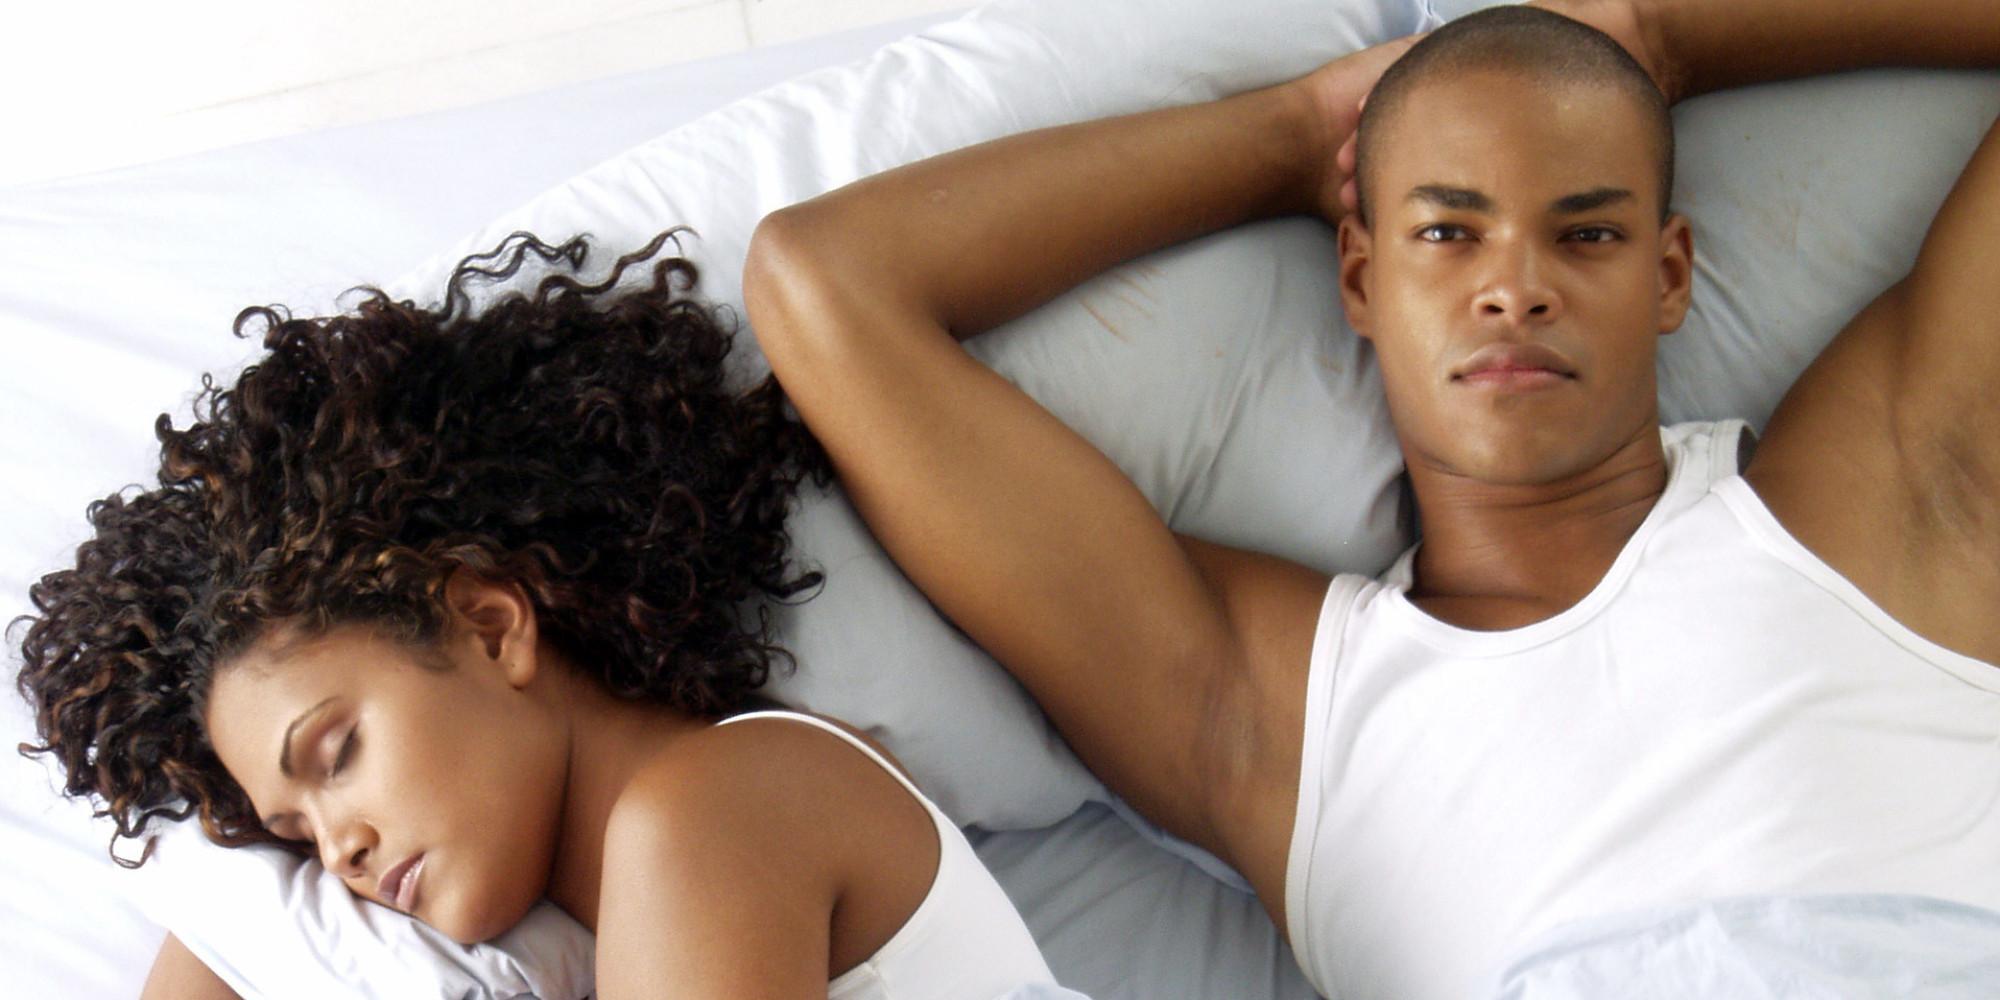 Pourquoi le sexe est si important dans le couple?